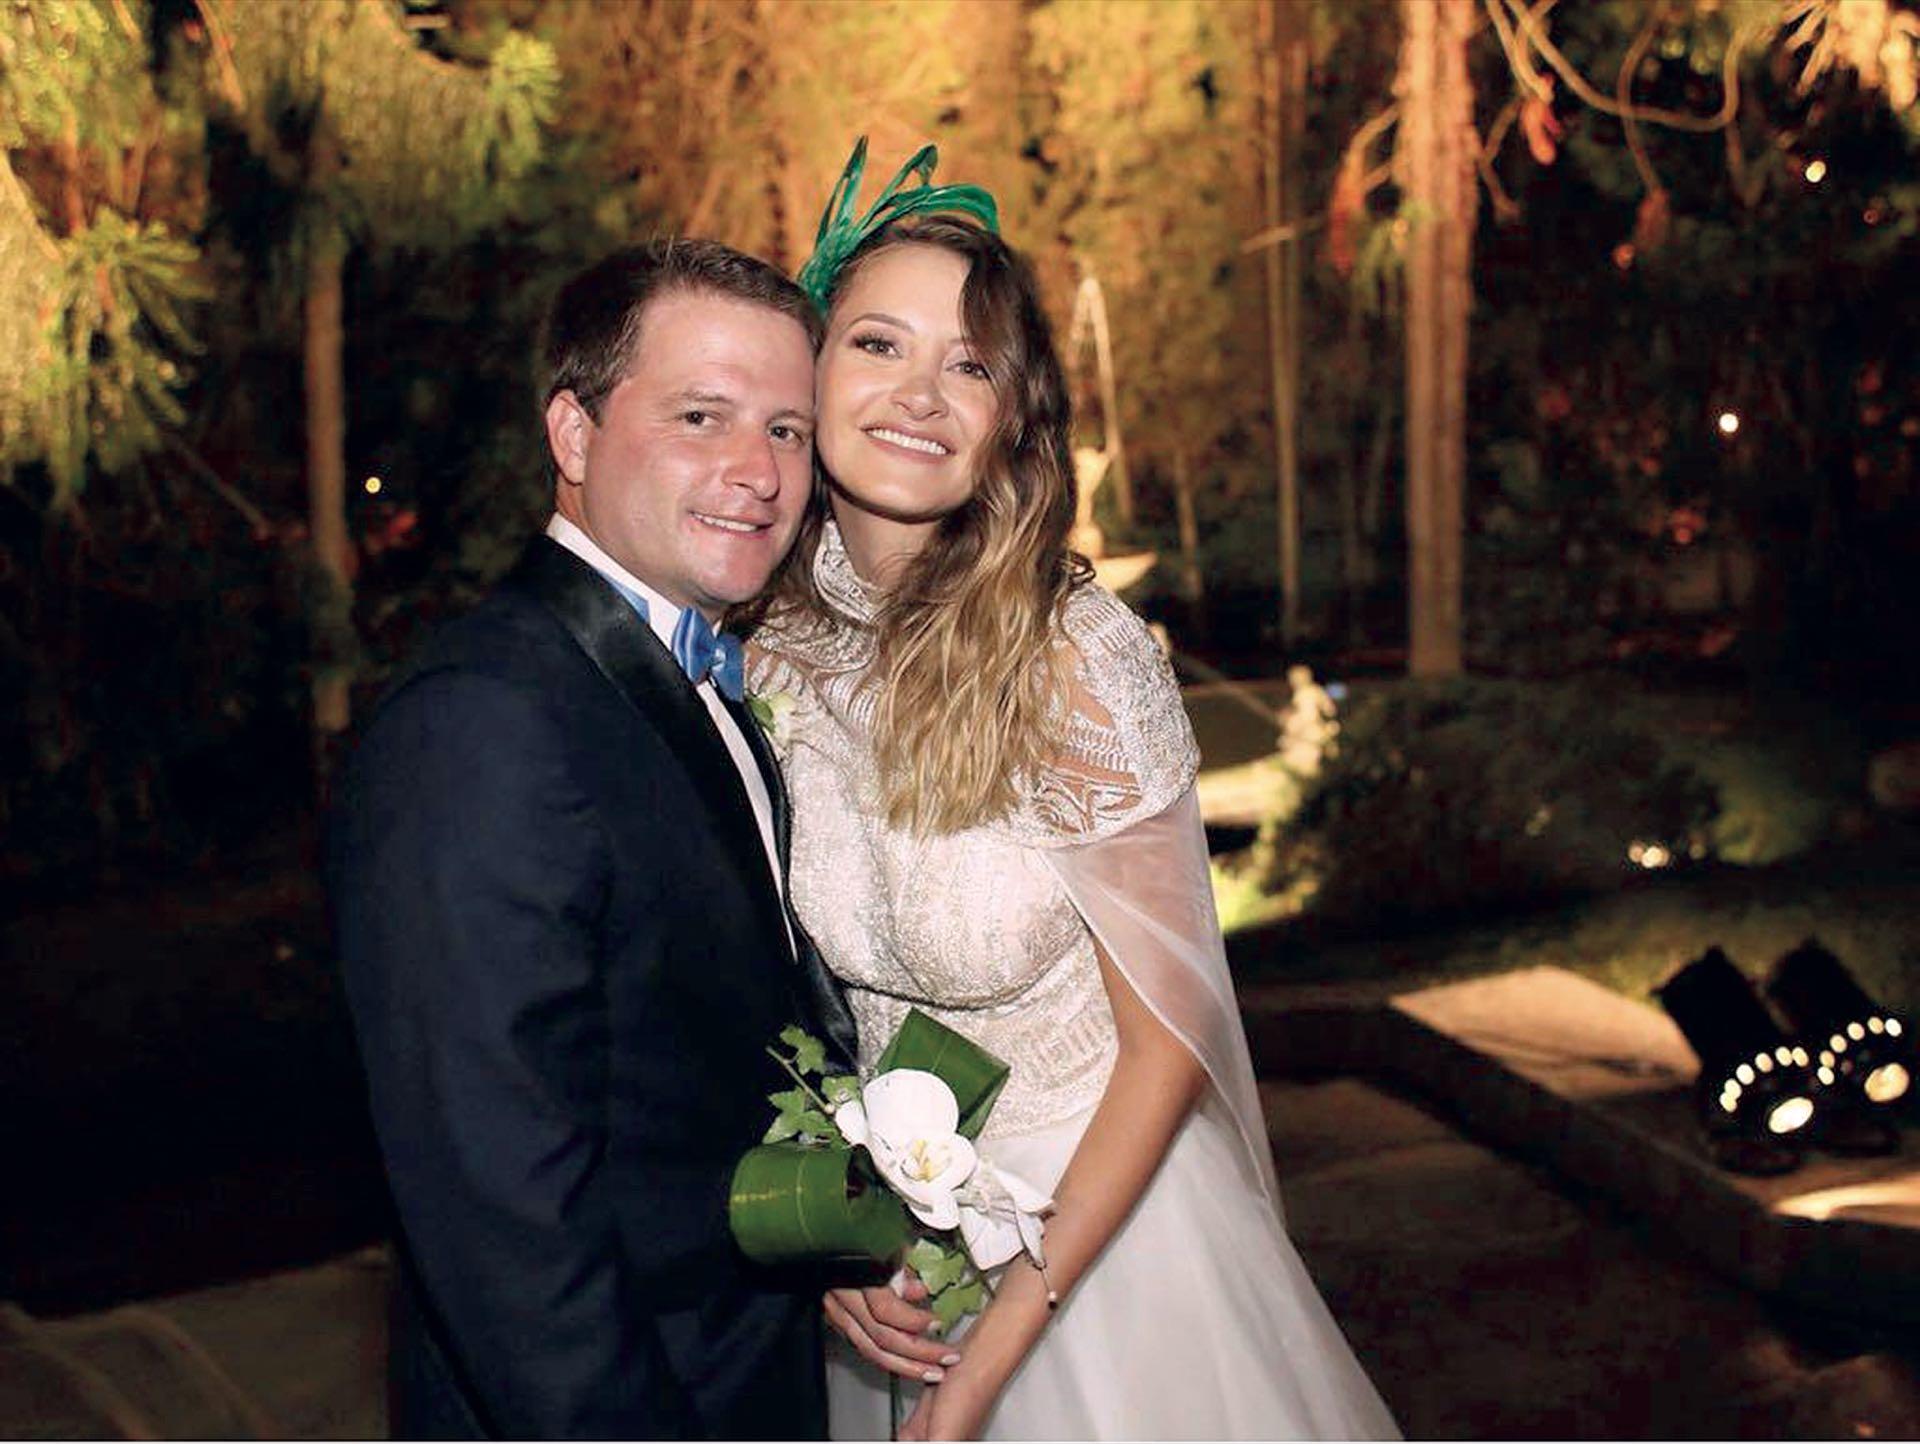 El subsecretario de Asuntos Municipales bonaerense se casó con la modelo y conductora Melina Gadano. En la fiesta participaron colegas políticos del novio, tanto oficialistas como de la oposición.